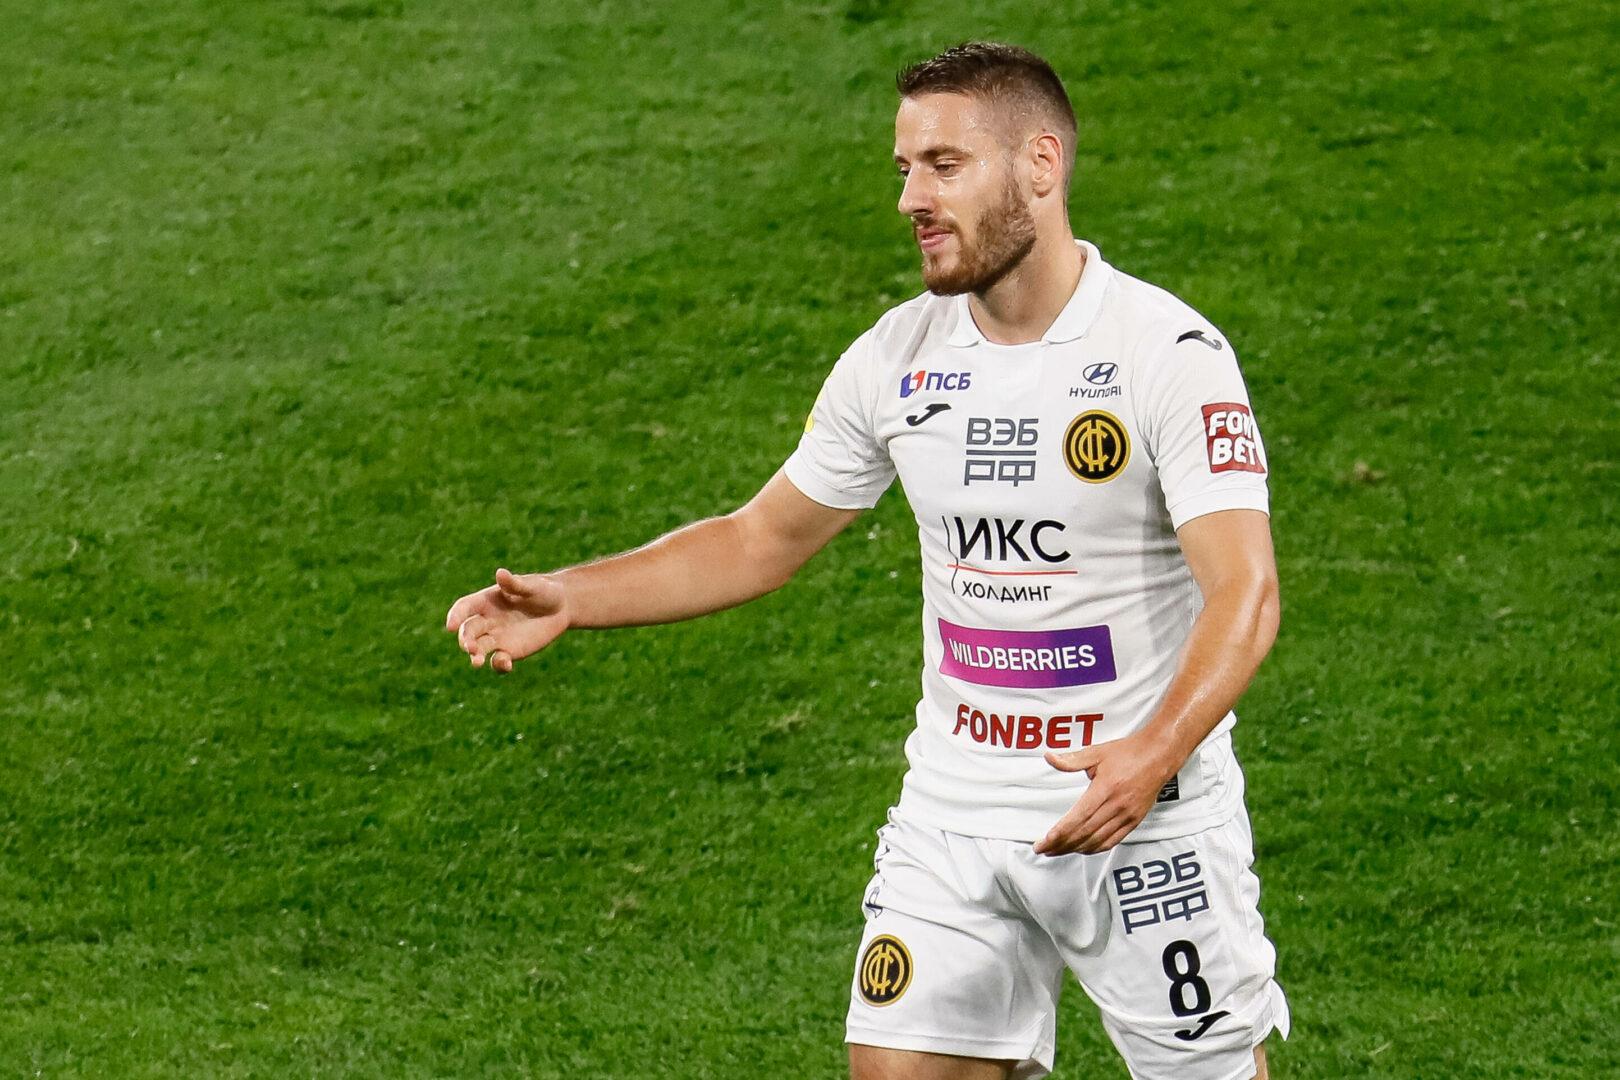 West Ham United bestätigt Verpflichtung von Nikola Vlasic!